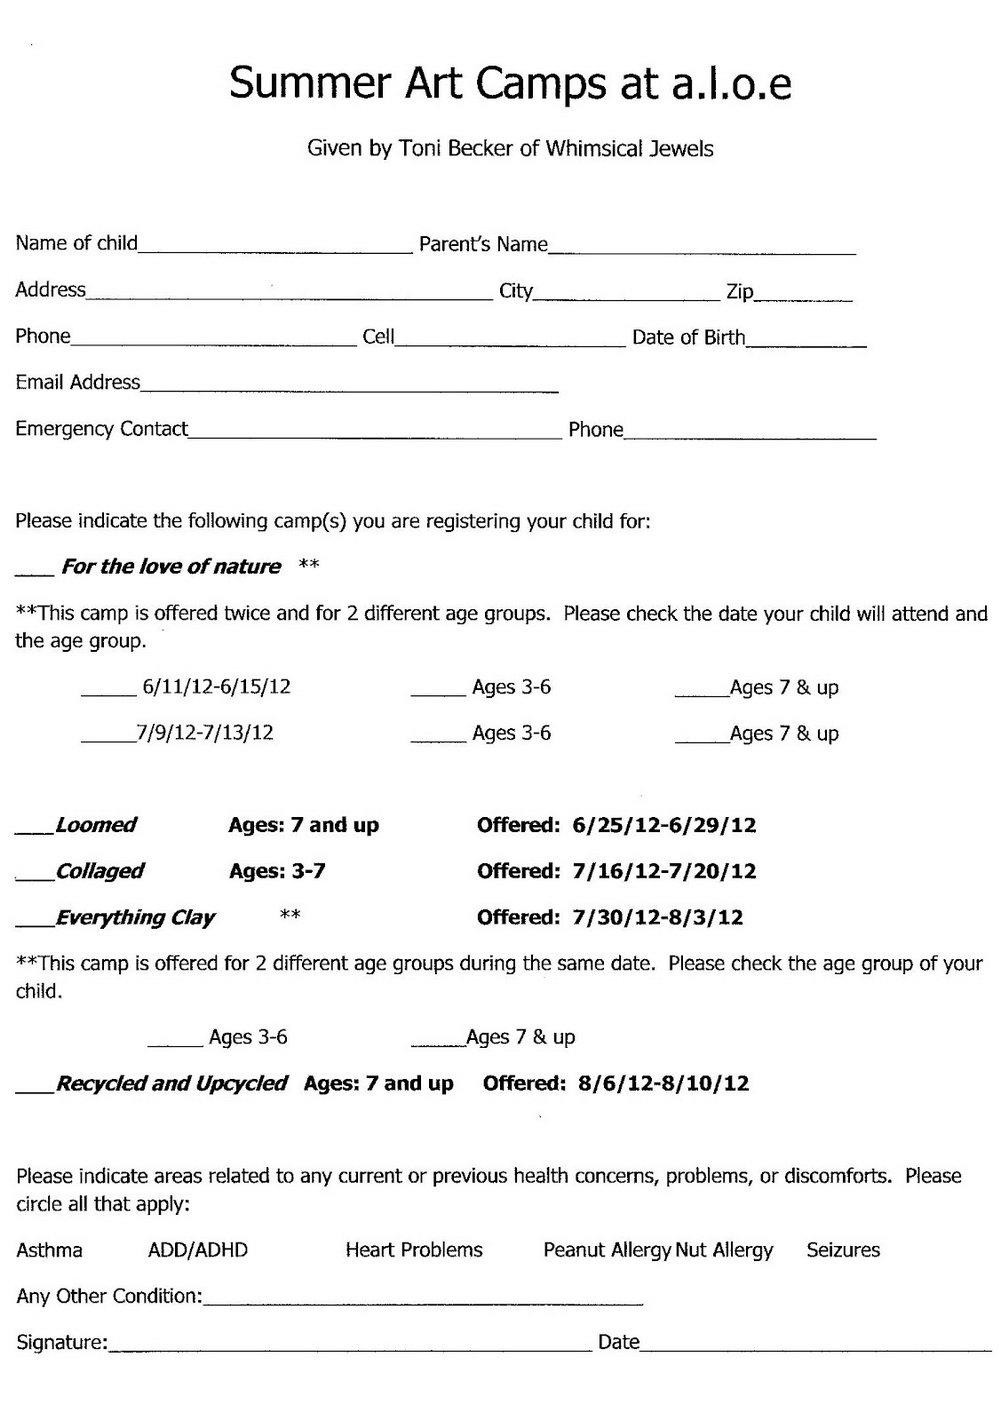 Summer Camp Registration Form Templates